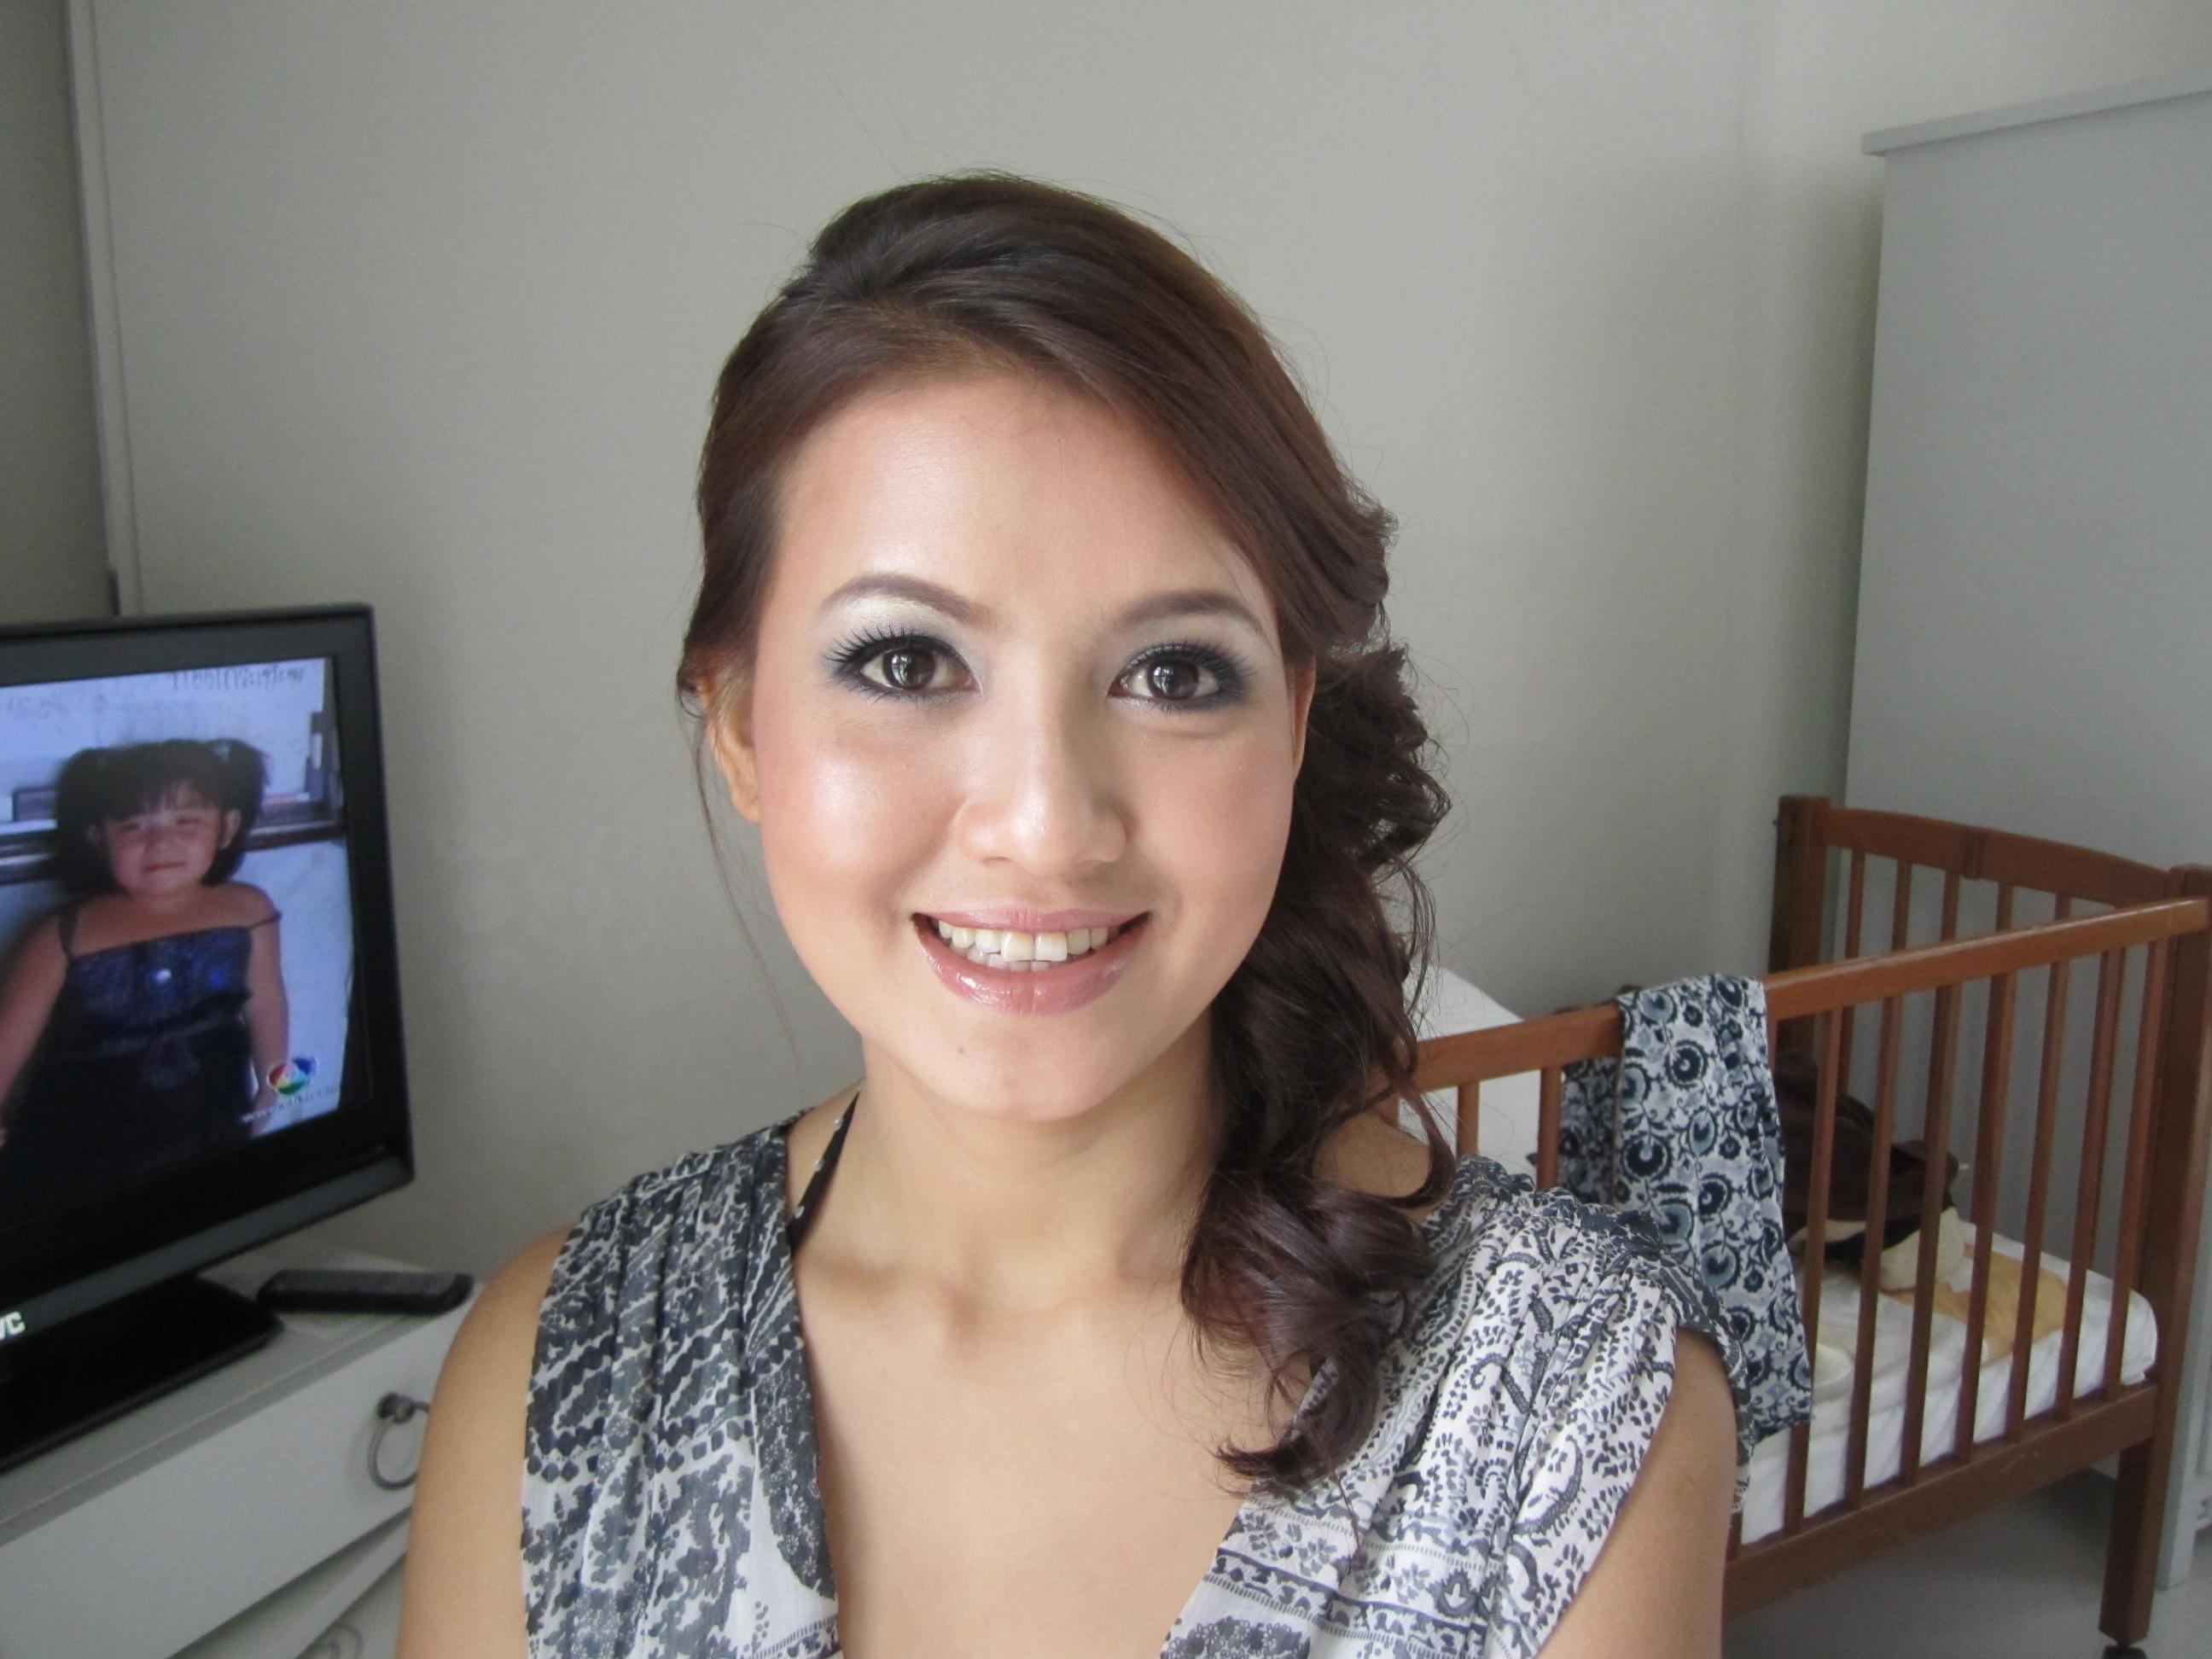 Tata Hobart Makeup Artist